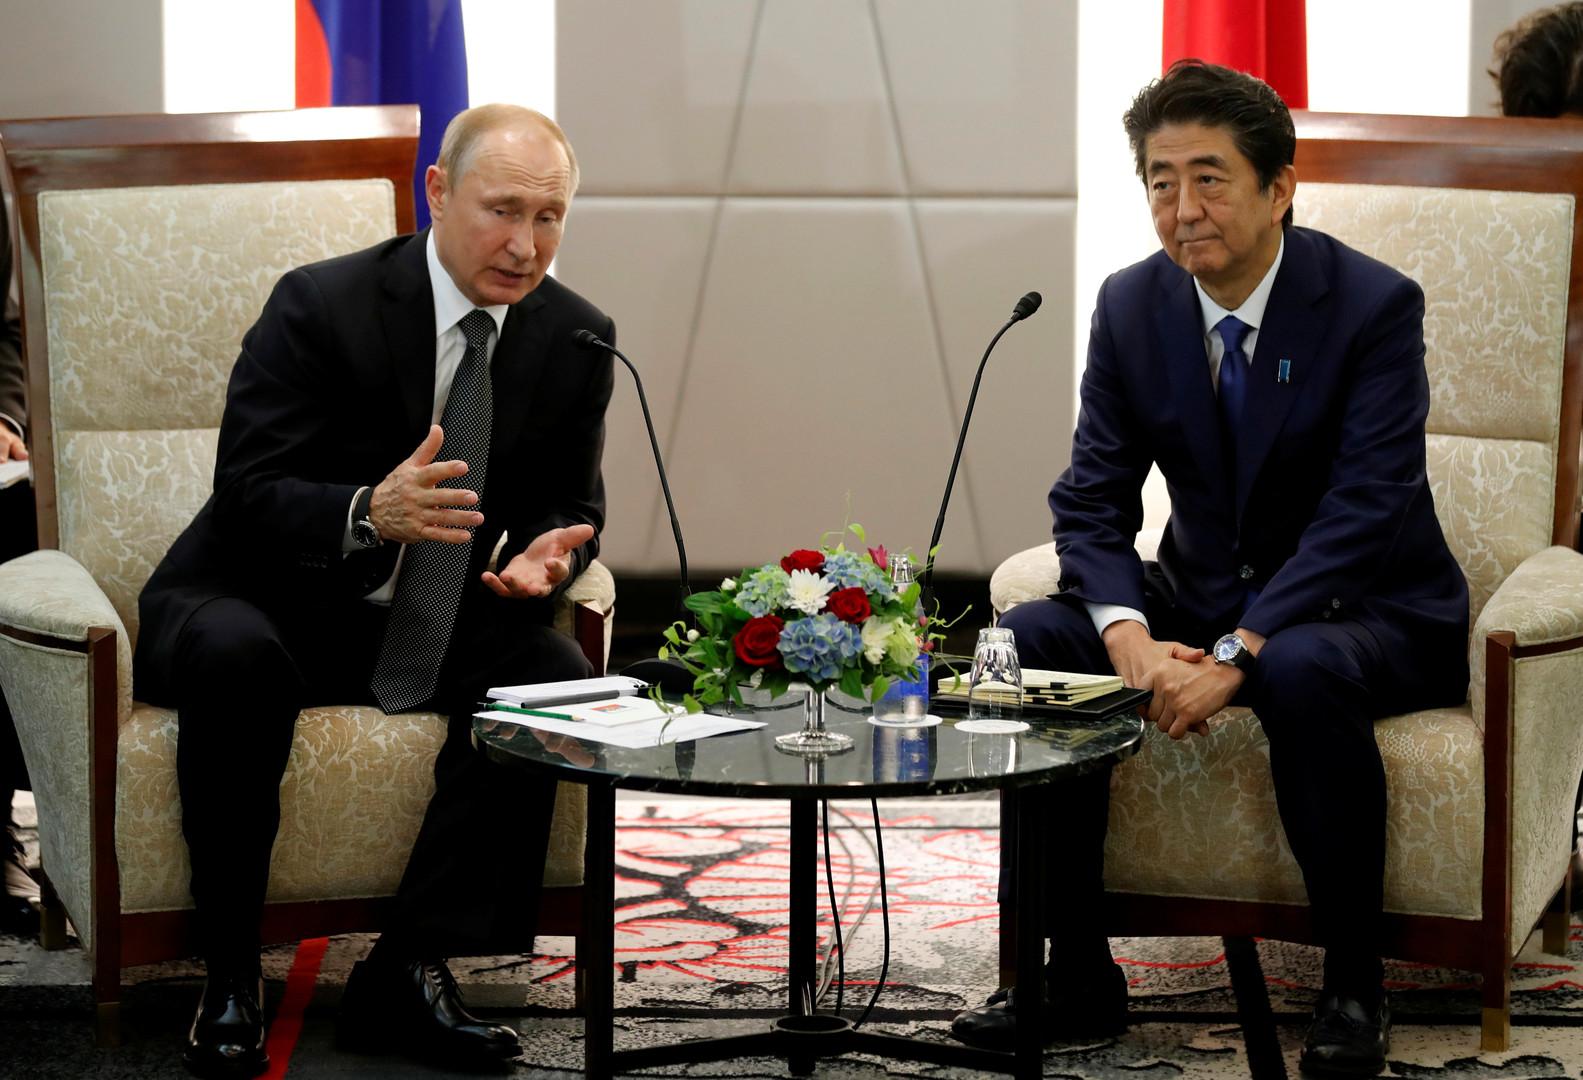 لقاء رئيس الوزراء الياباني شينزو آبي والرئيس الروسي فلاديمير بوتين في أوساكا اليابانية، 29 يونيو 2019